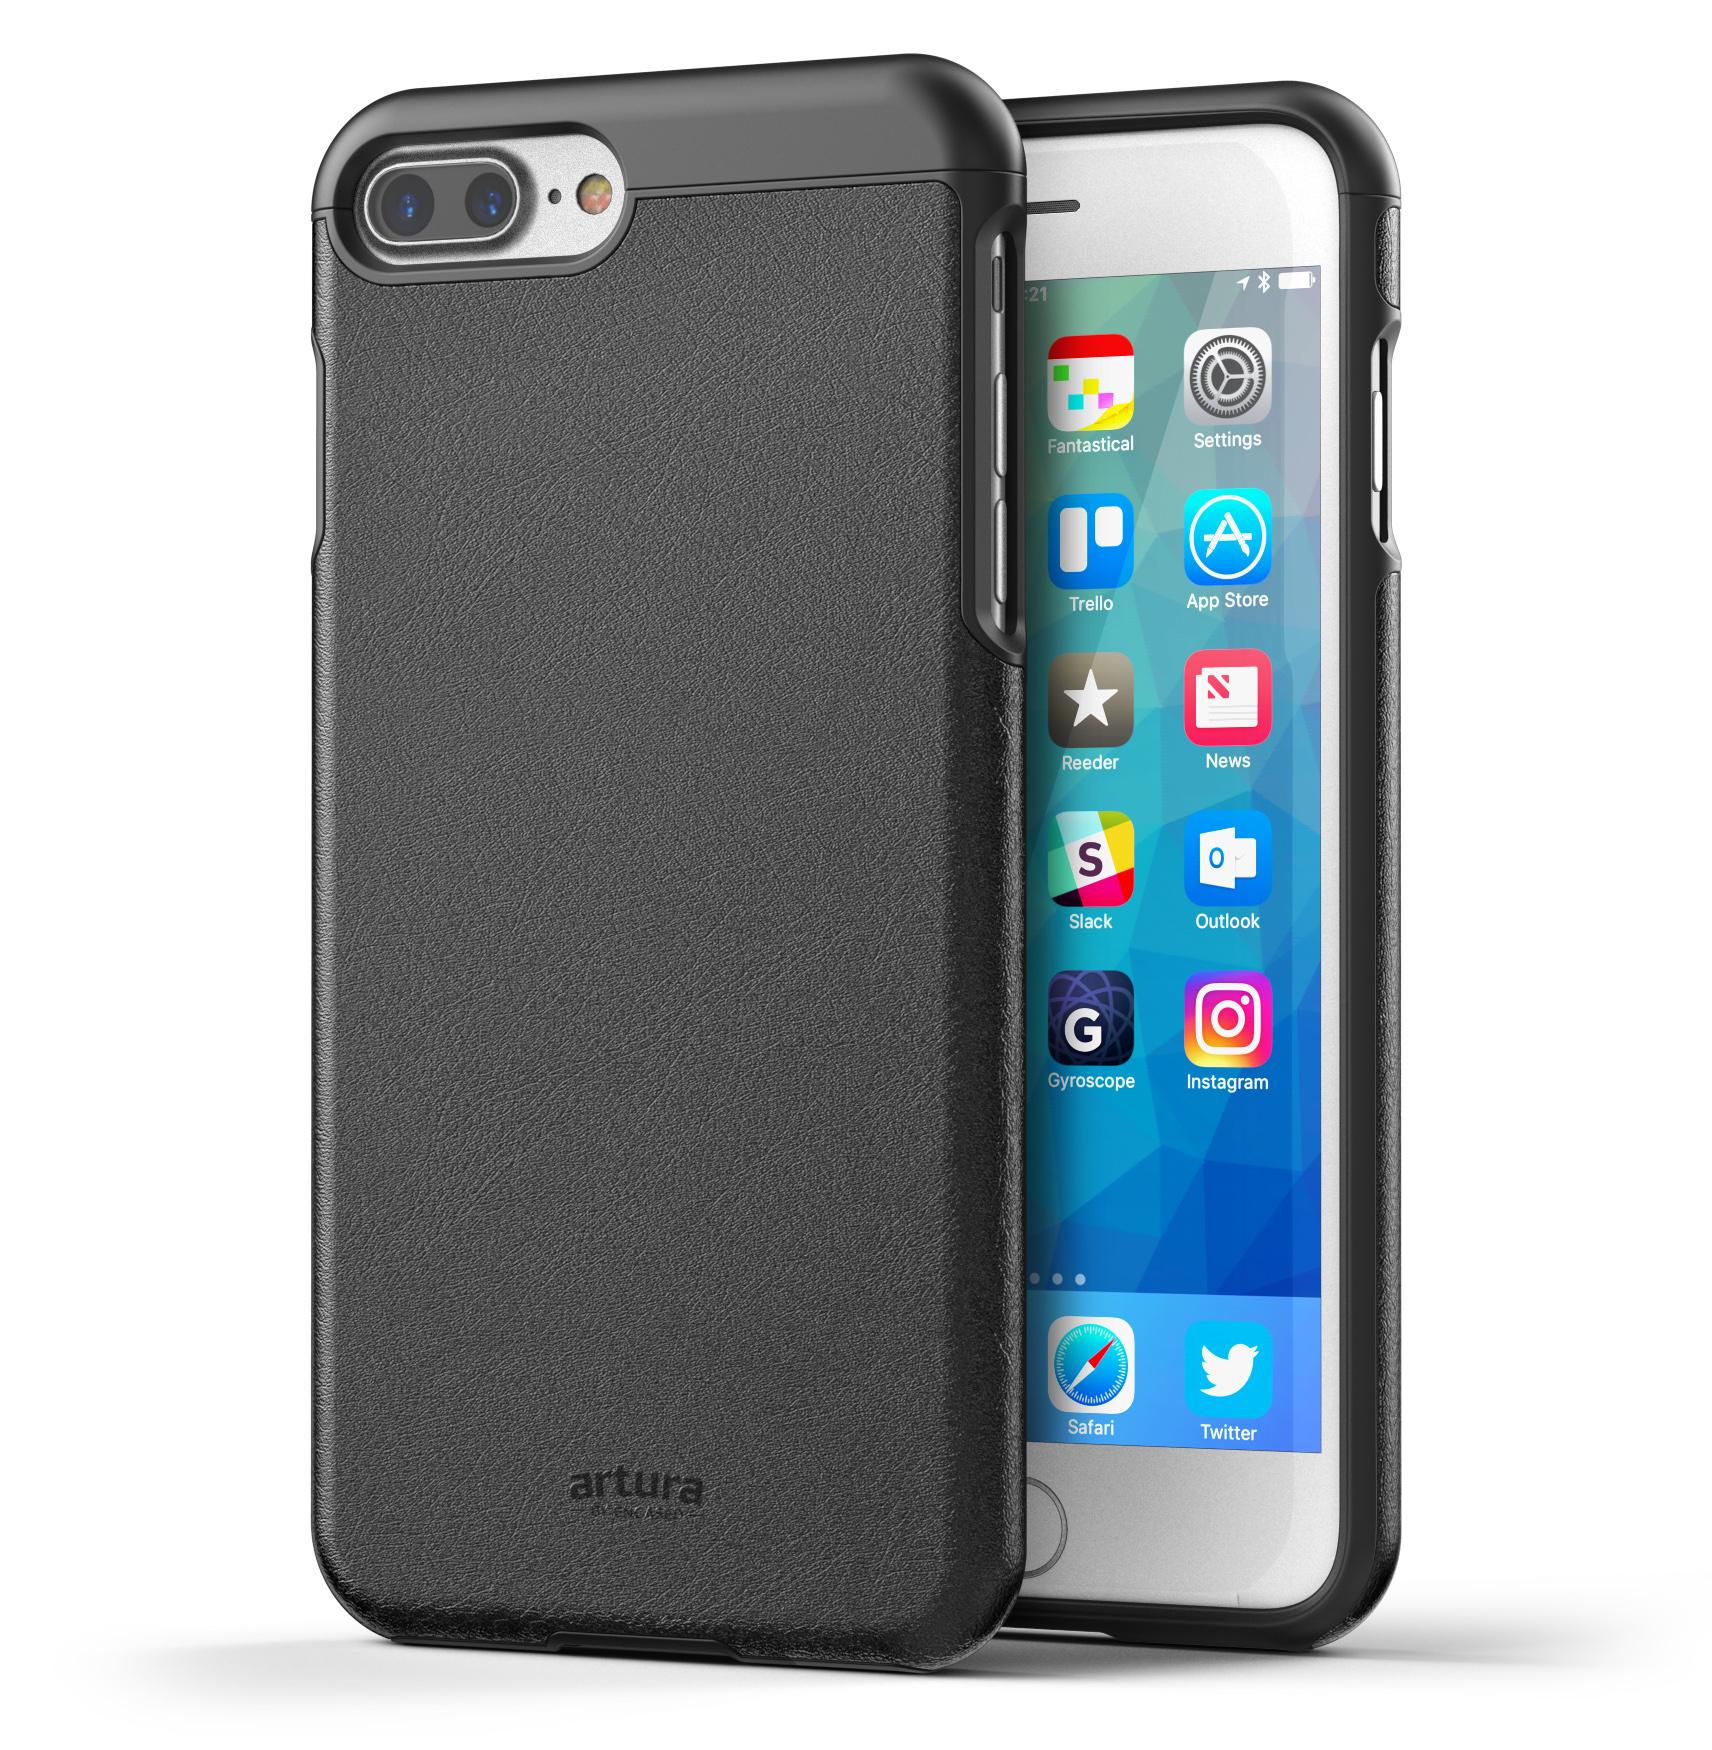 """iPhone 7 Plus (5.5"""") Premium Vegan Leather Case - Artura Collection By Encased"""